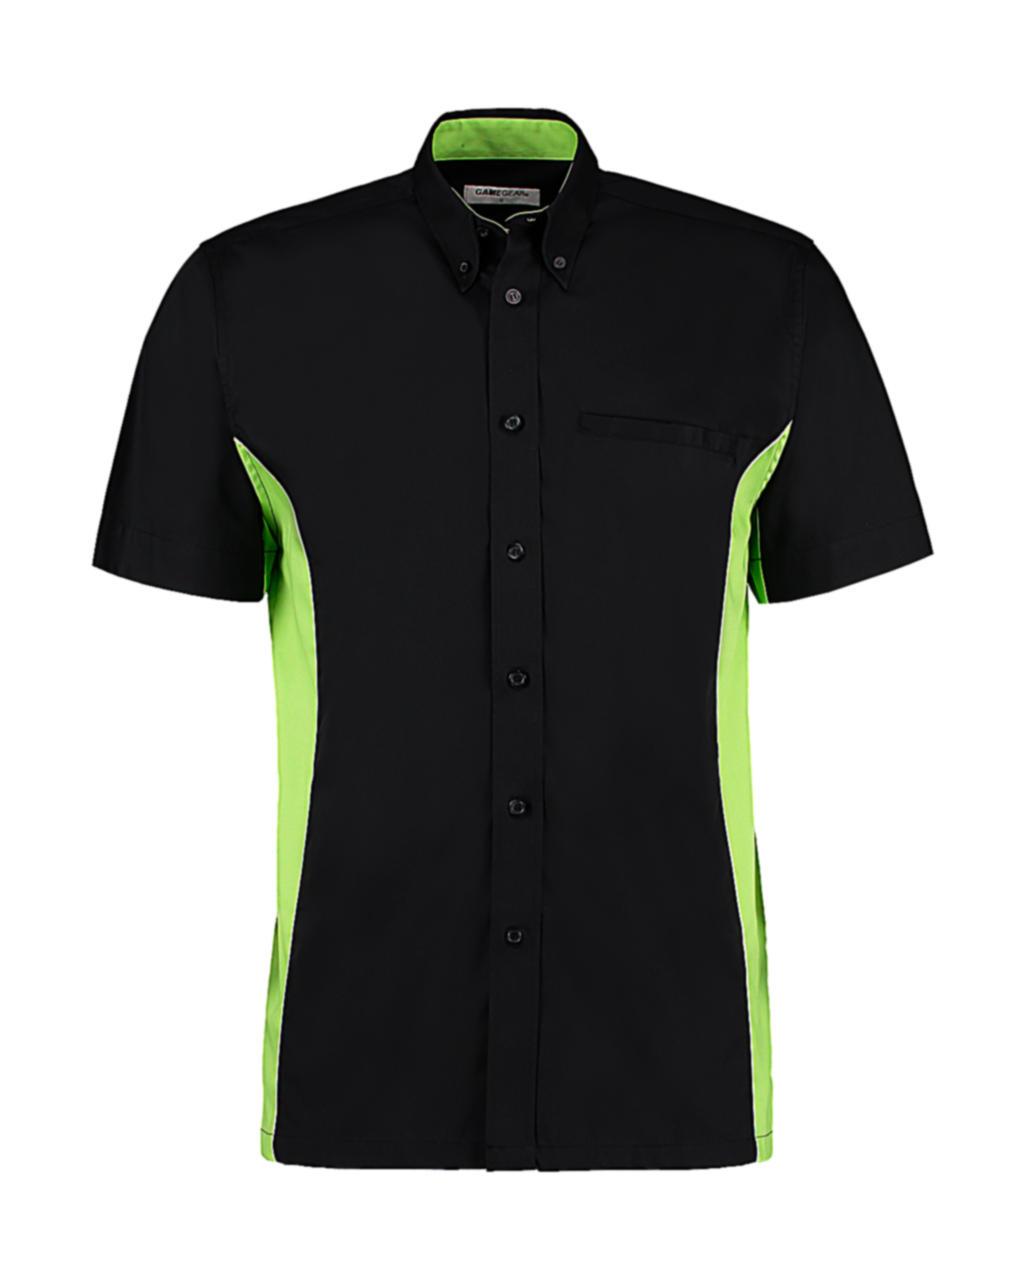 Košile Sportsman Classic fit s kr. ruk. - zvìtšit obrázek